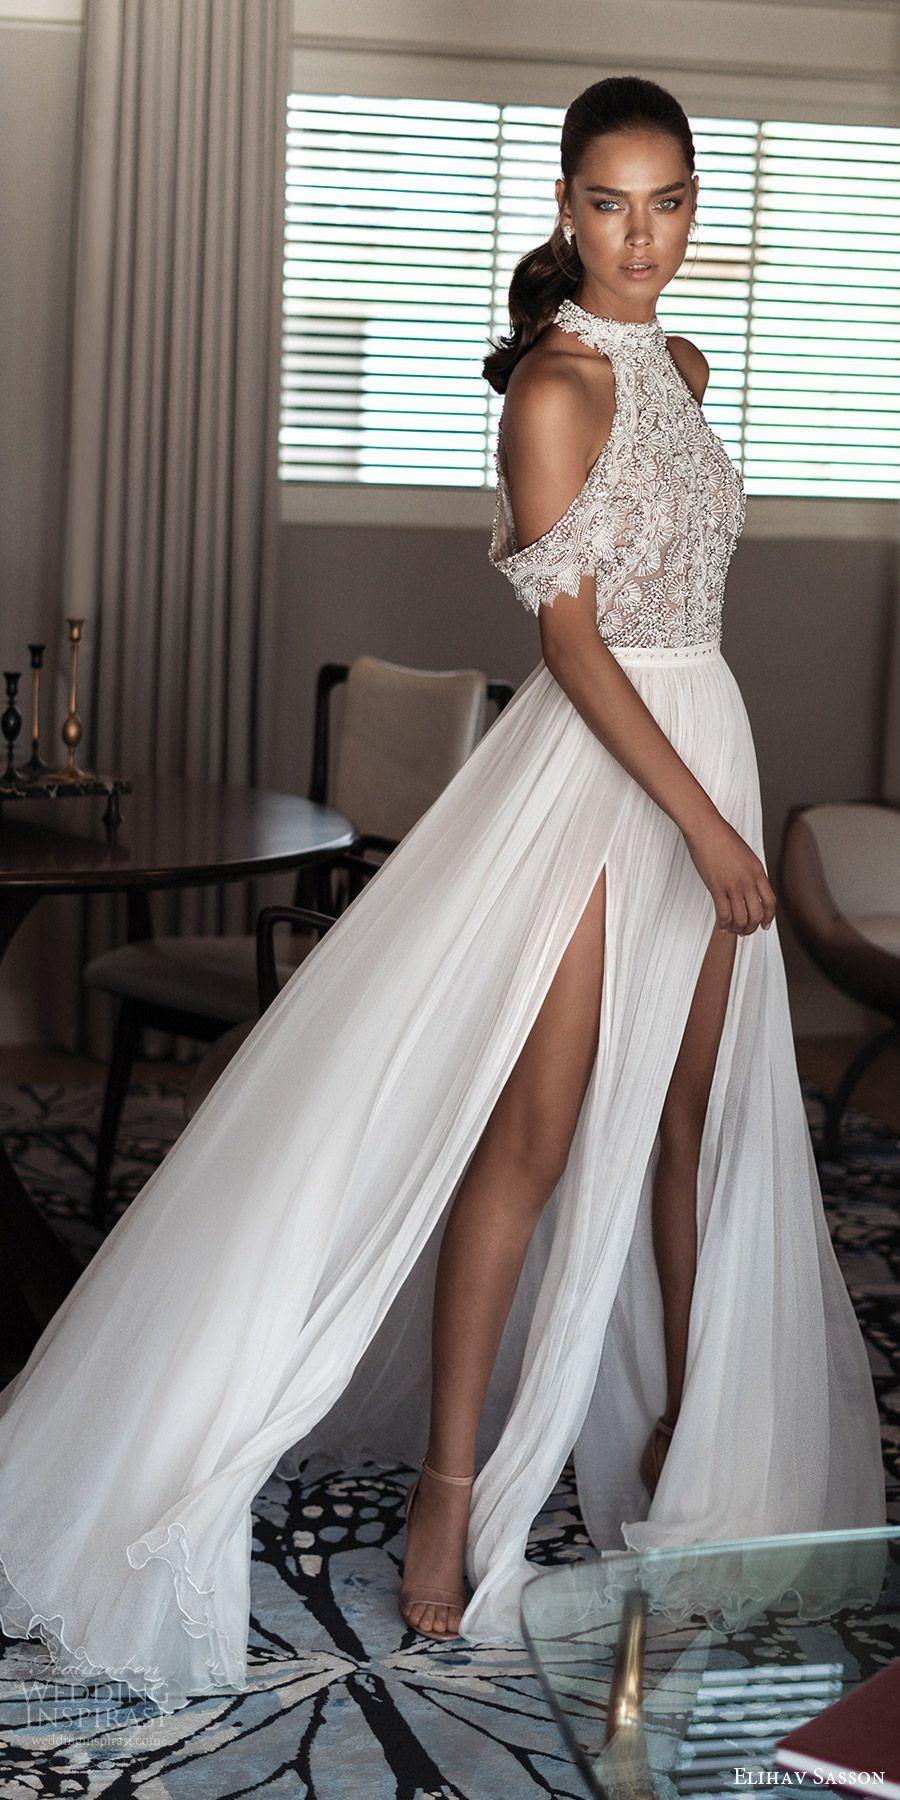 Elihav sasson wedding dresses u ucvintage jewelleryud bridal